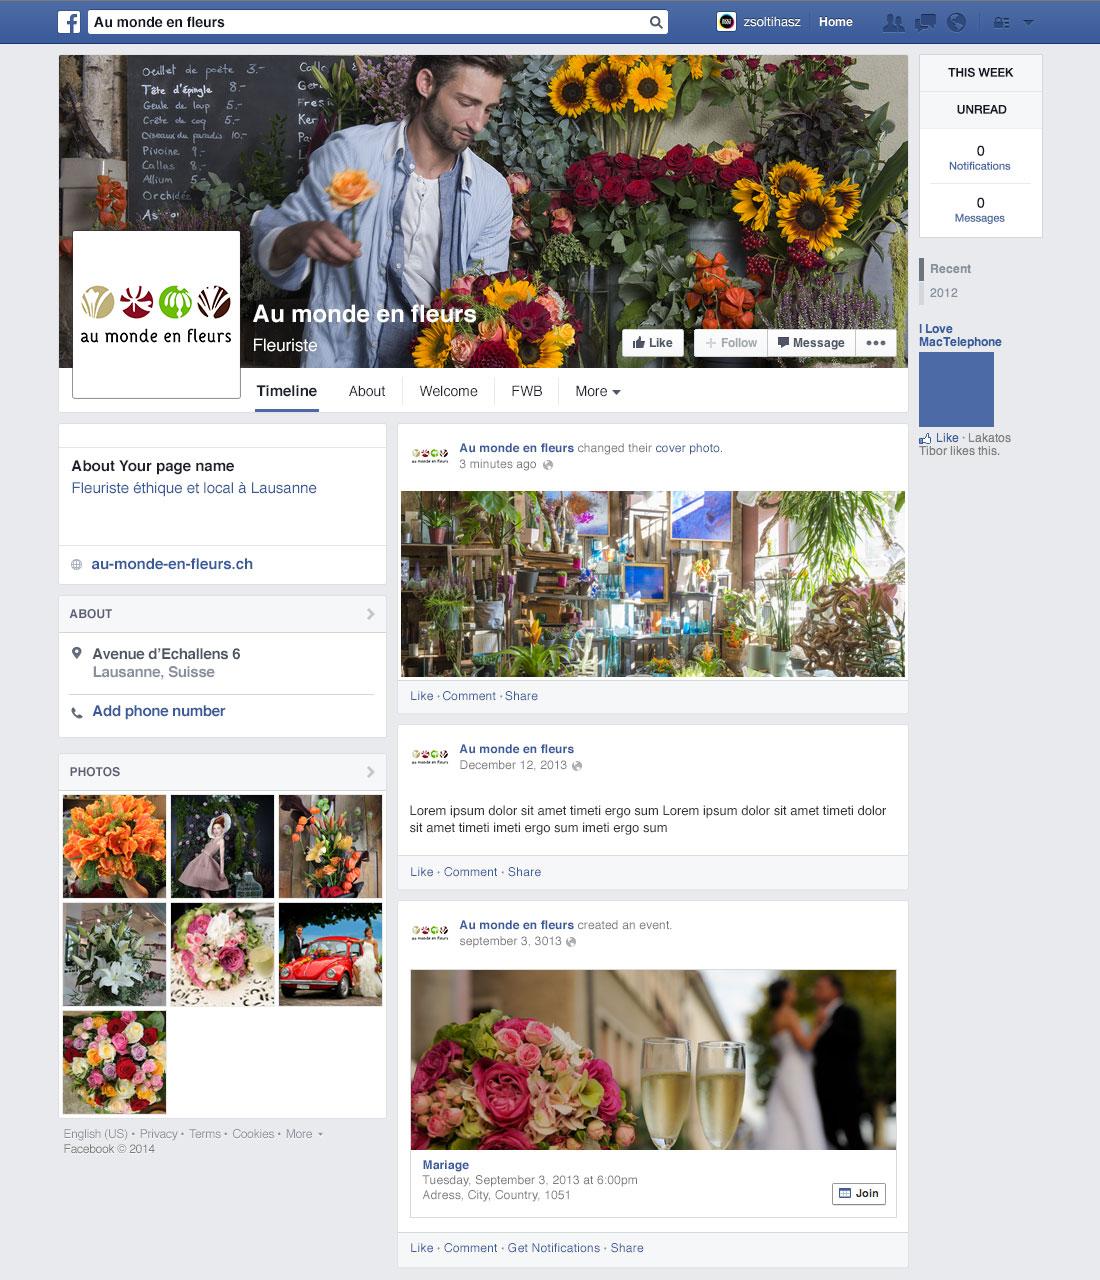 AMEF - Facebook page profile